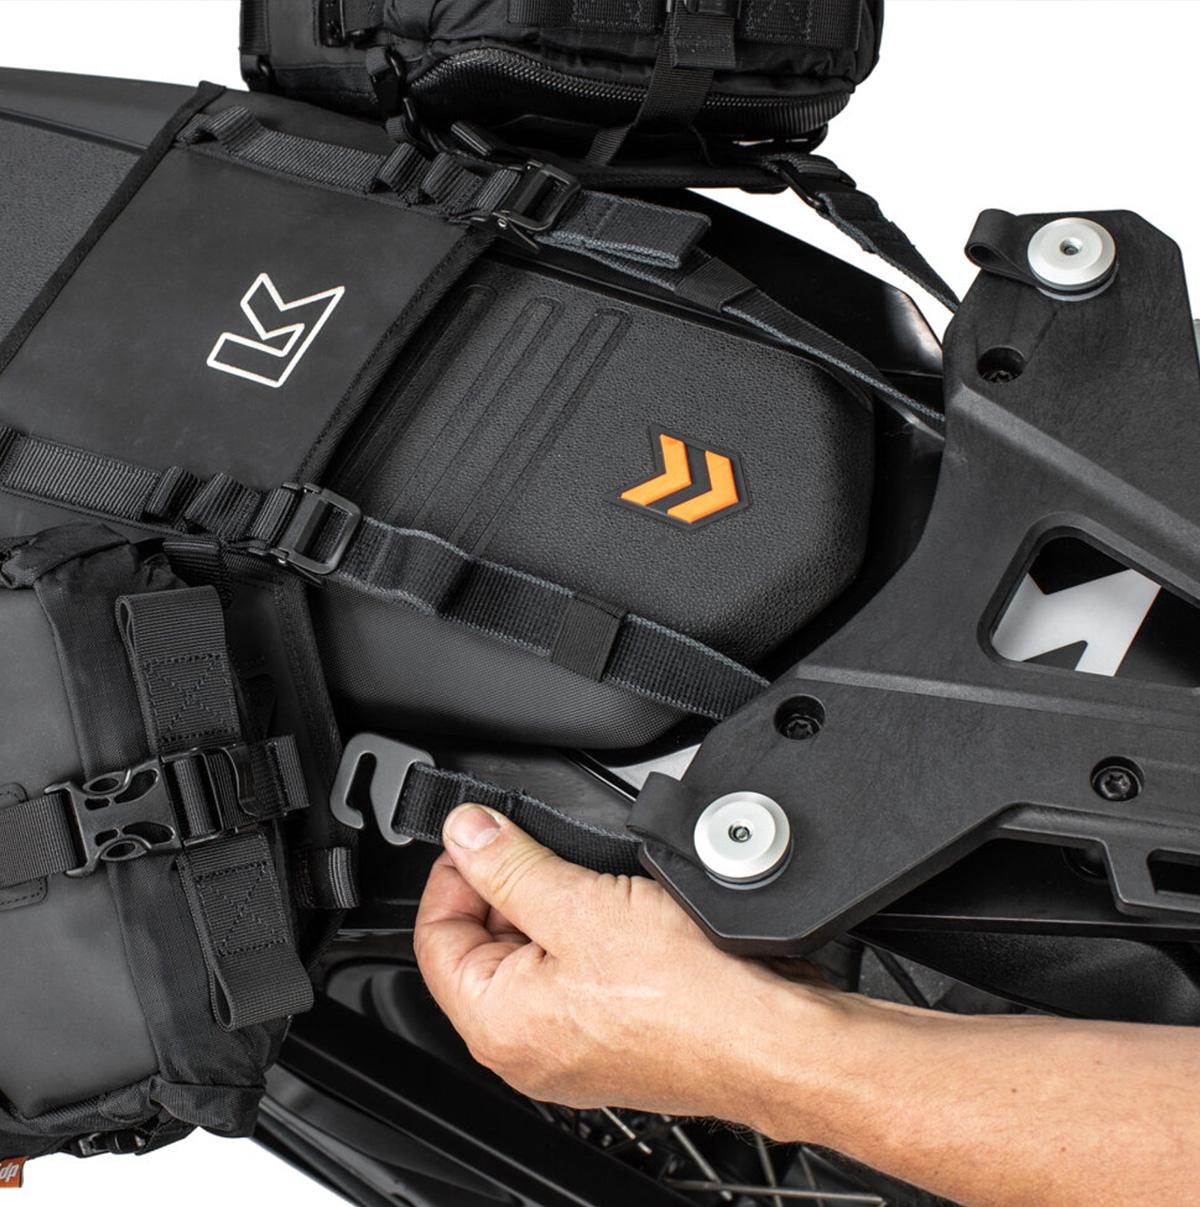 Kriega-OS-Base-KTM-790-Montagesystem-fu-r-OS-Taschen_02-Kopie